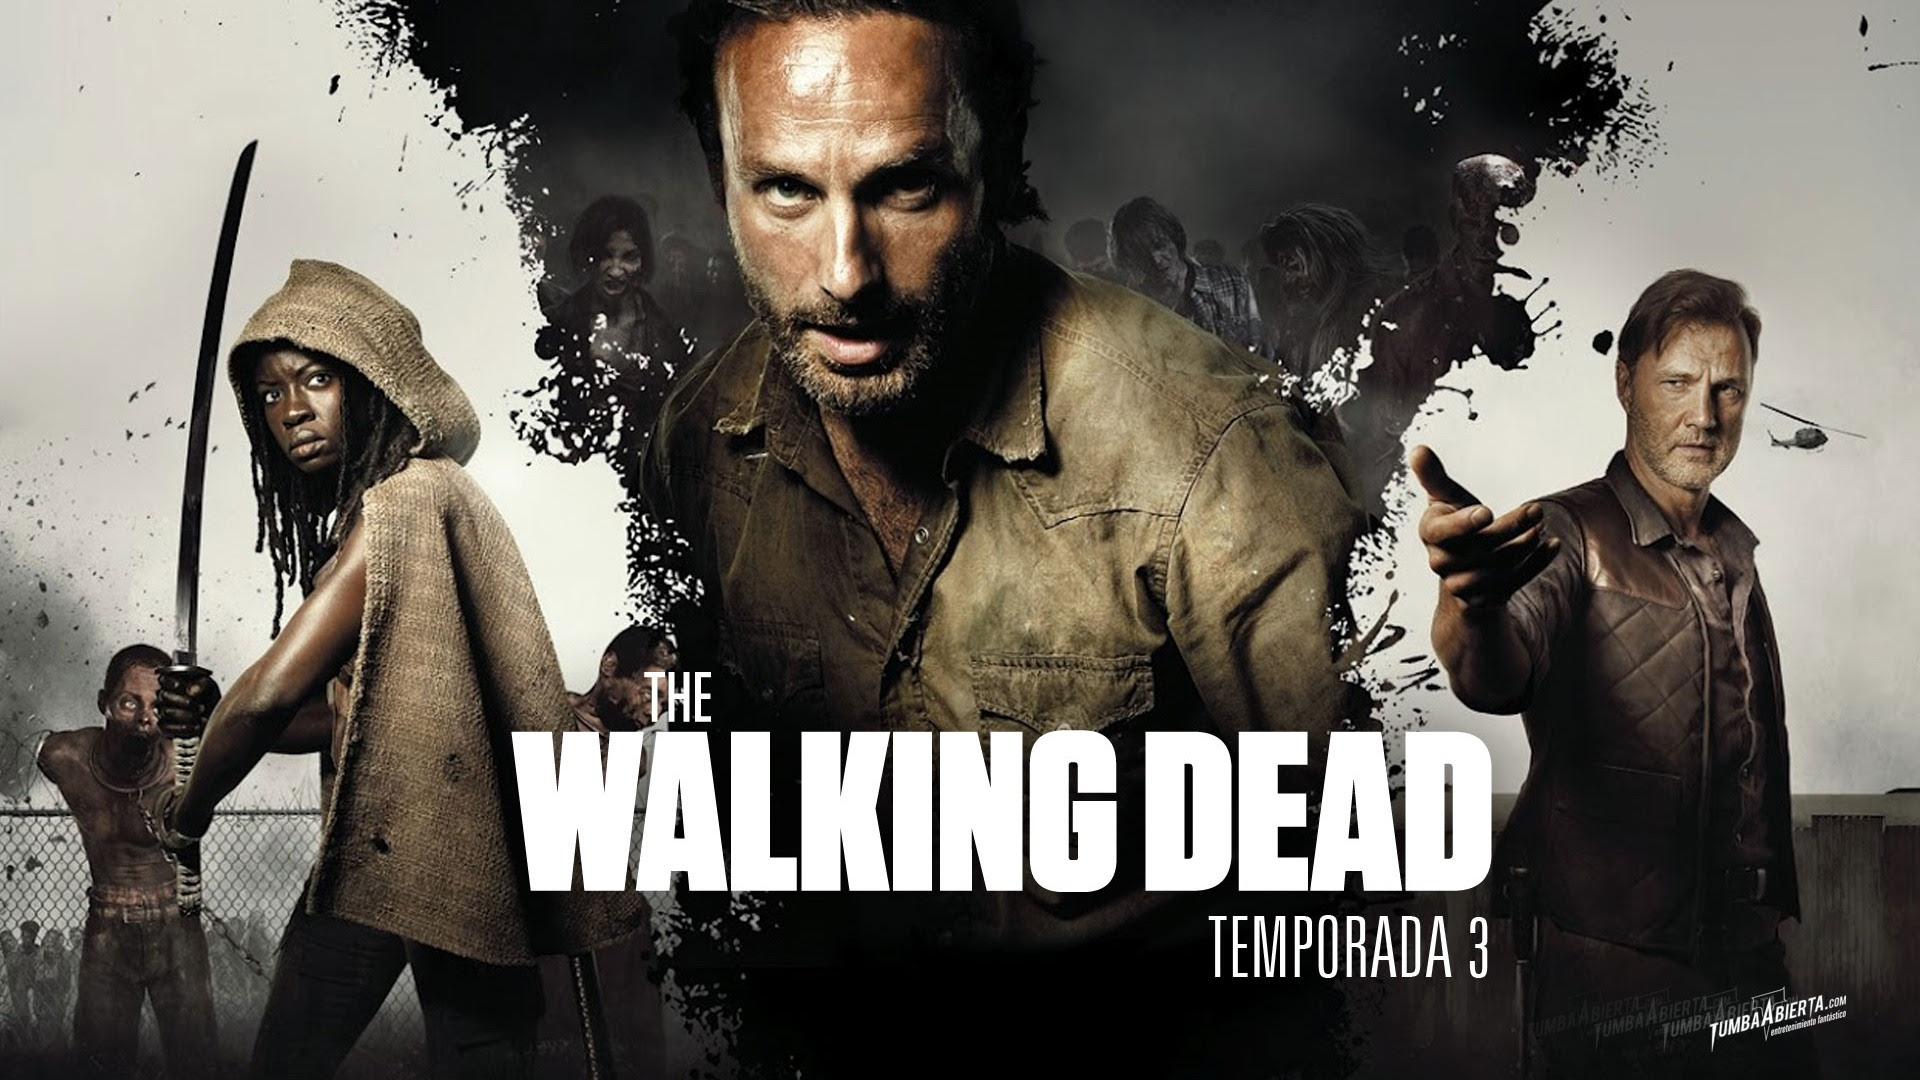 The Walking Dead Hd Wallpapers 15 1920x1080 Wallpaper Download